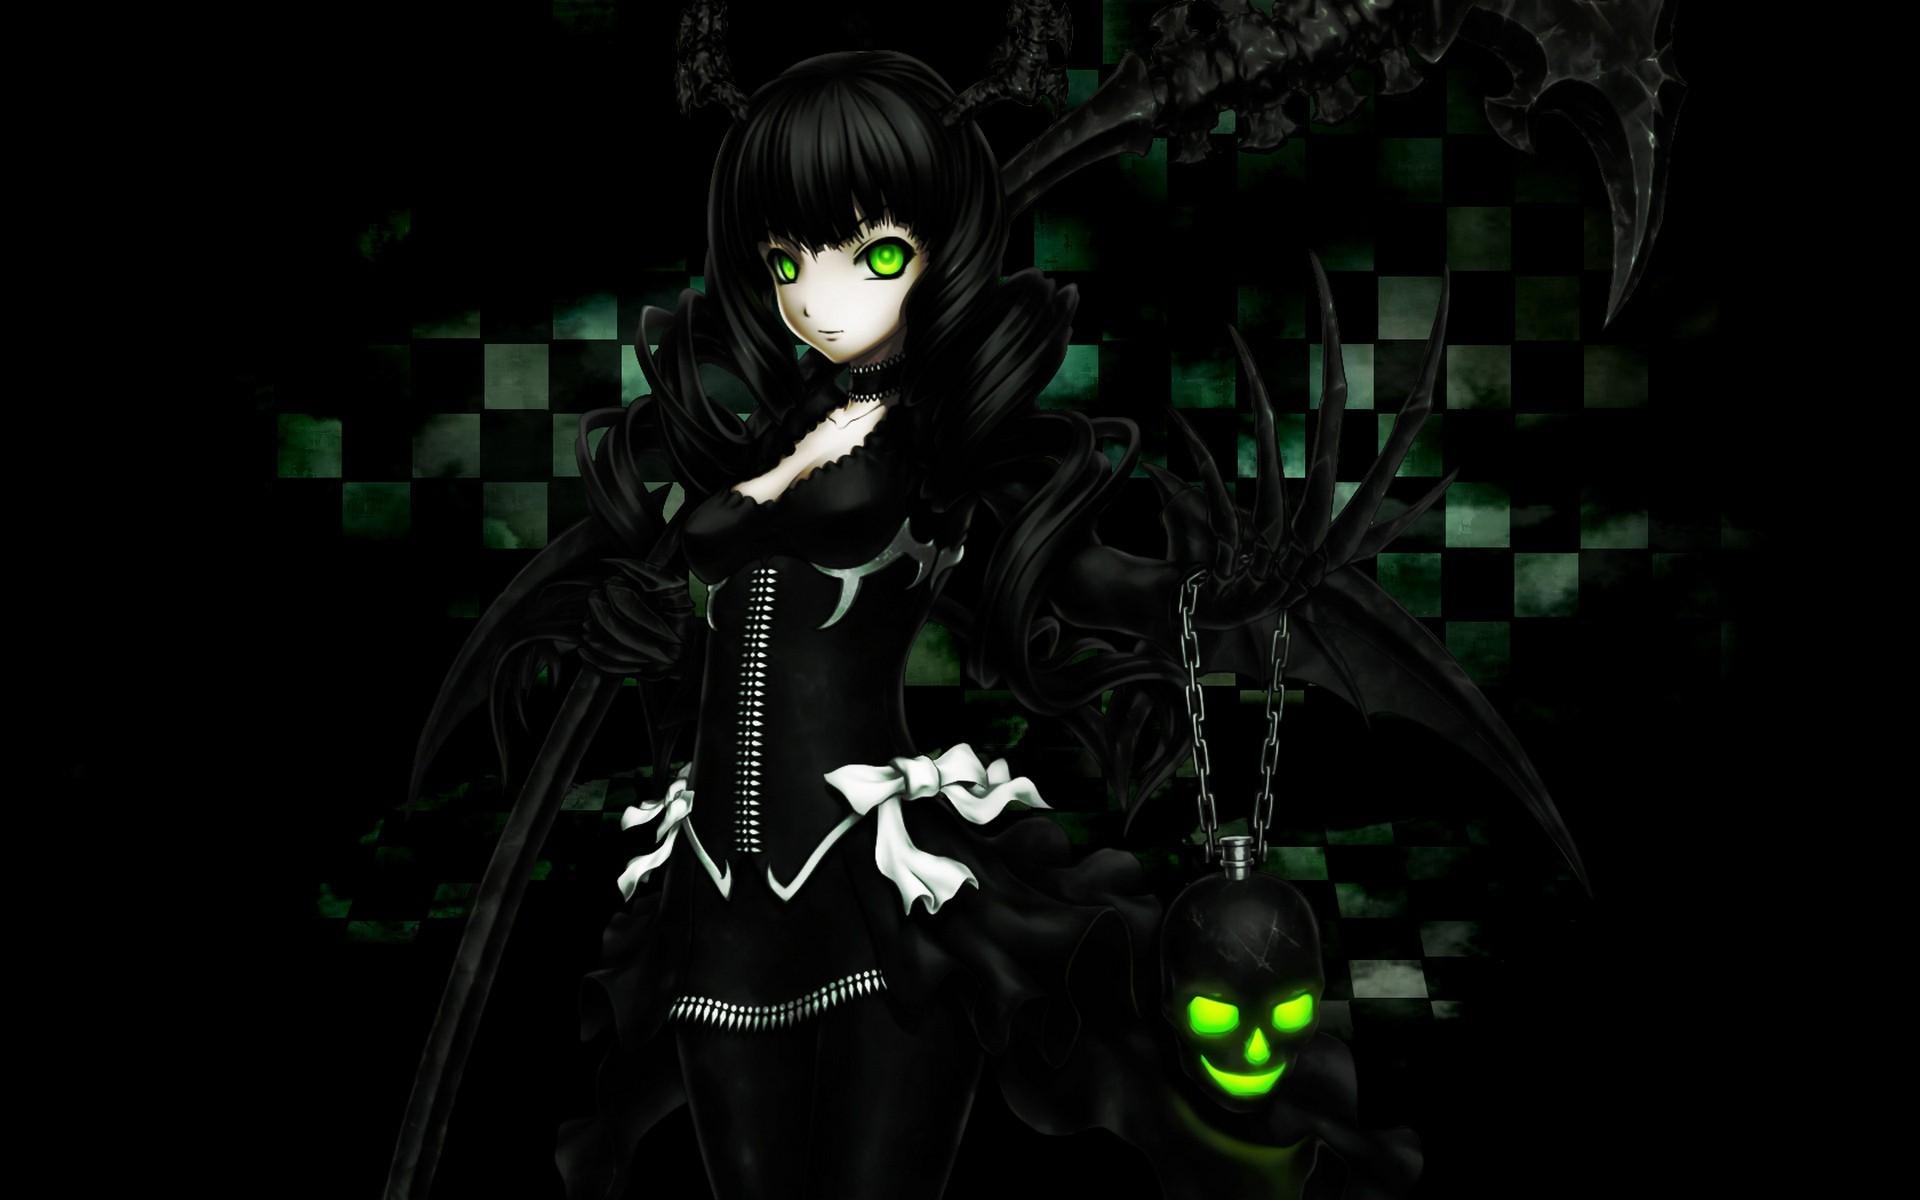 1920x1200 dark anime girl wallpaper